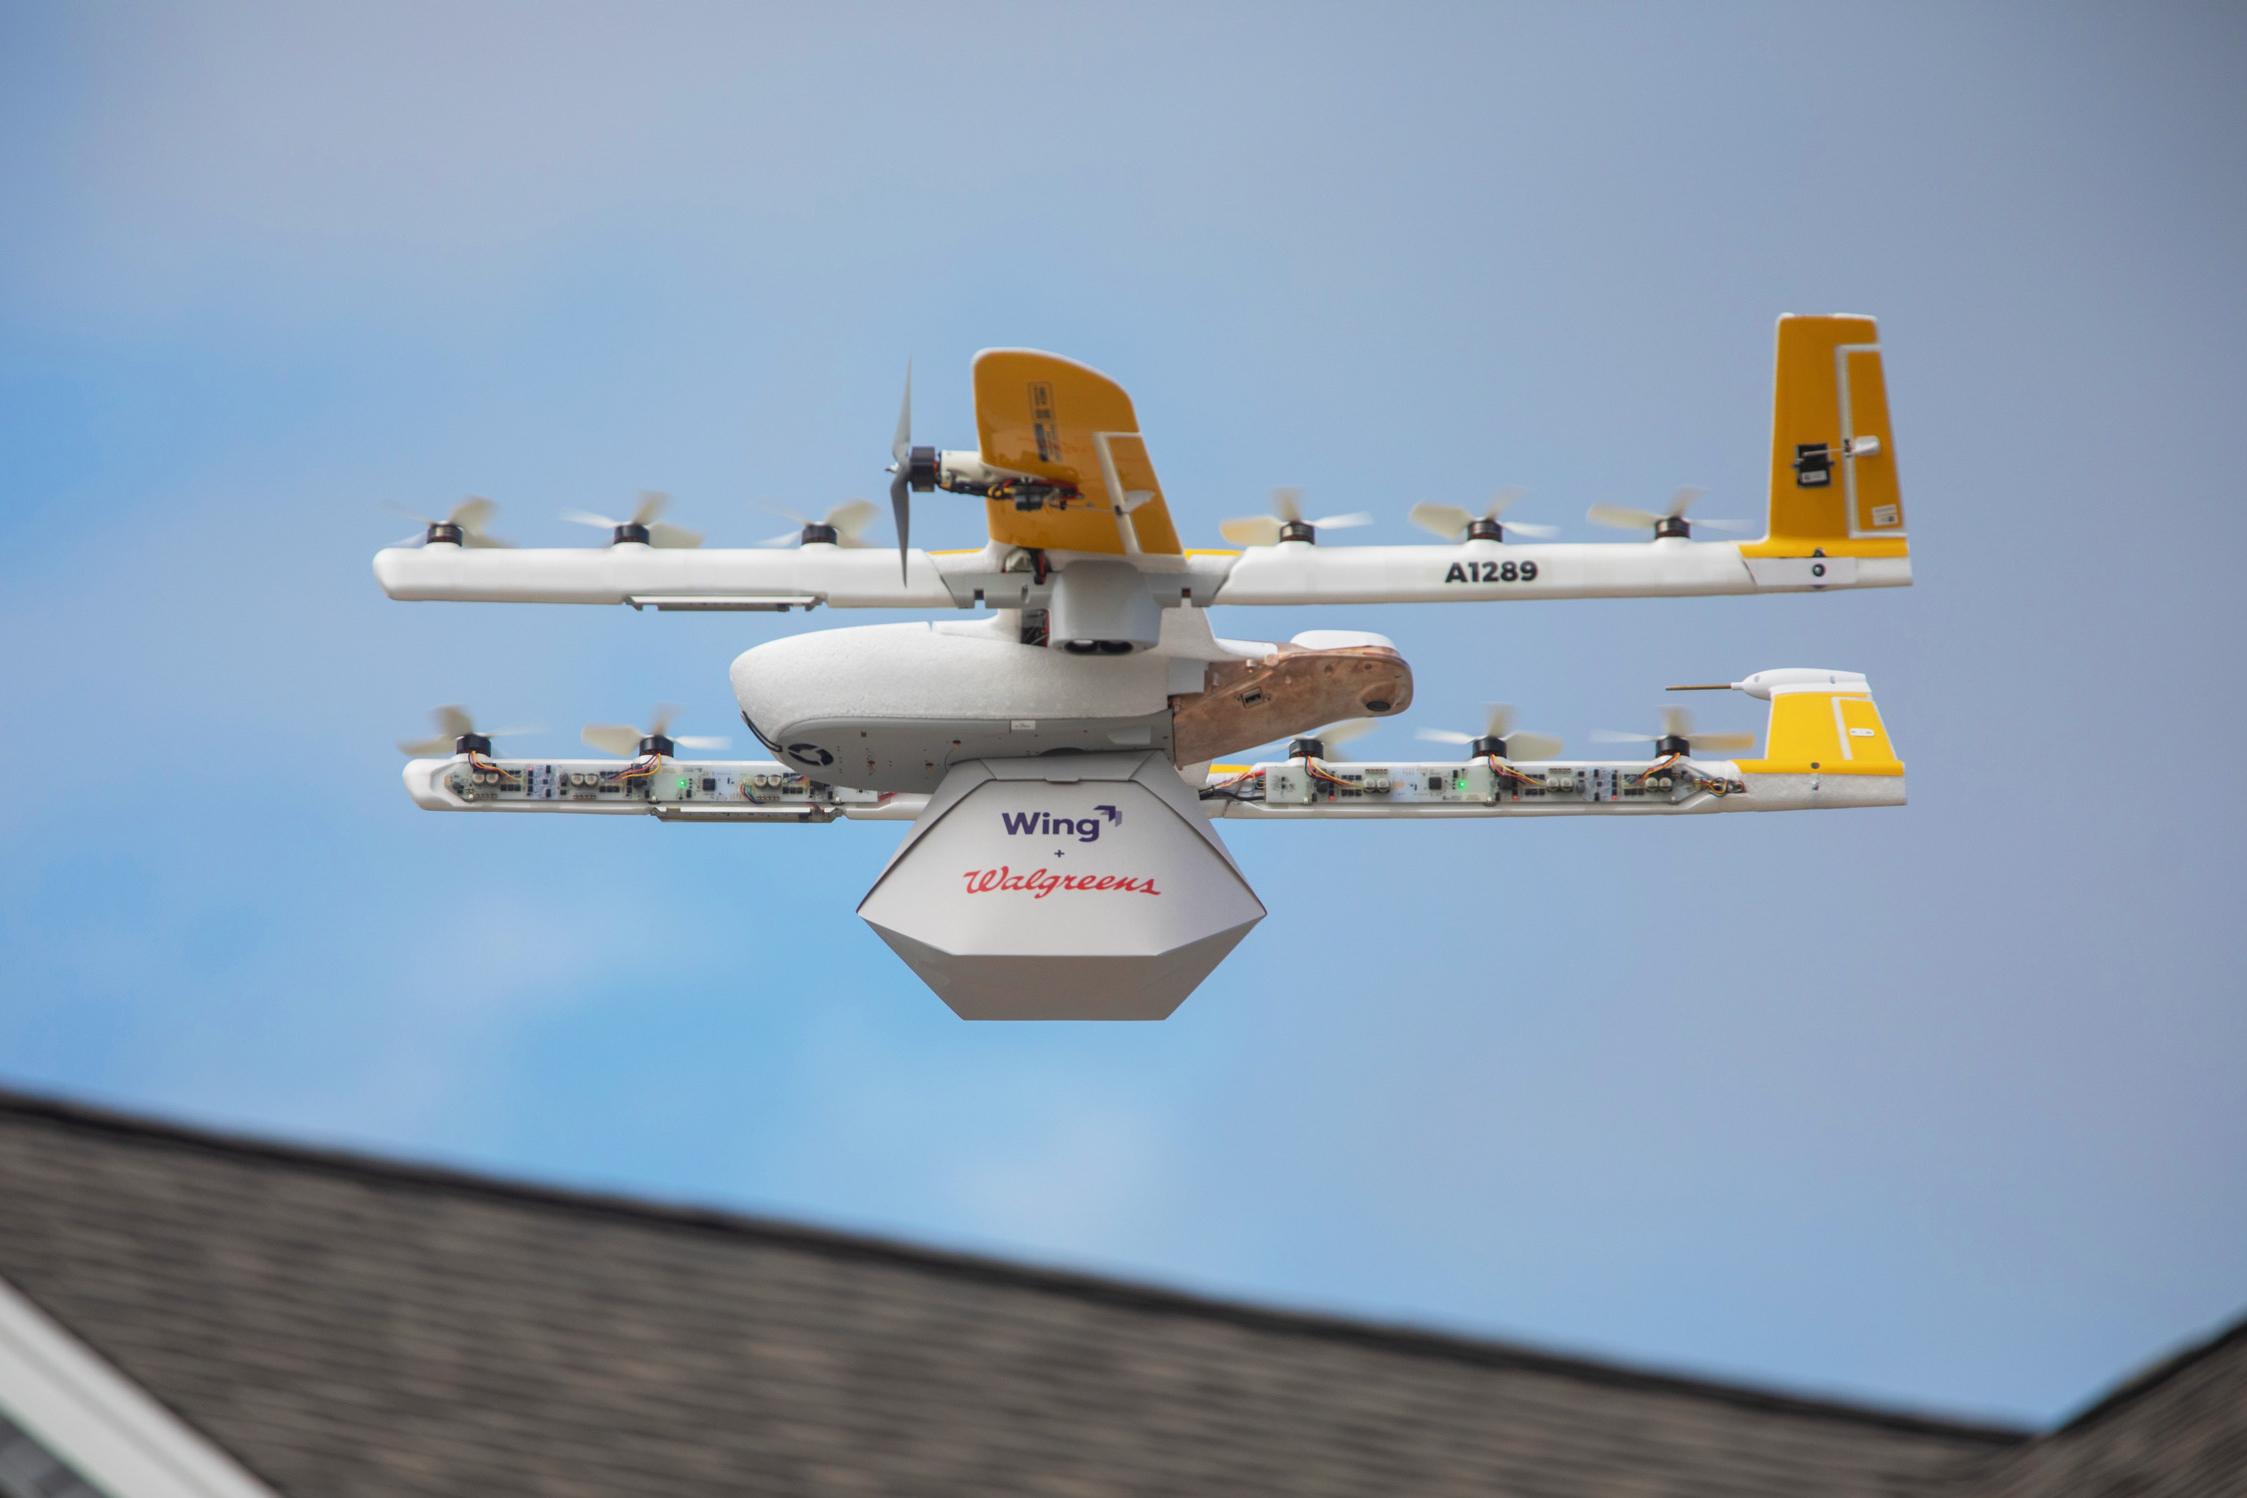 Wing (Google) devient la première entreprise à effectuer des livraisons commerciales par drone aux Etats-Unis